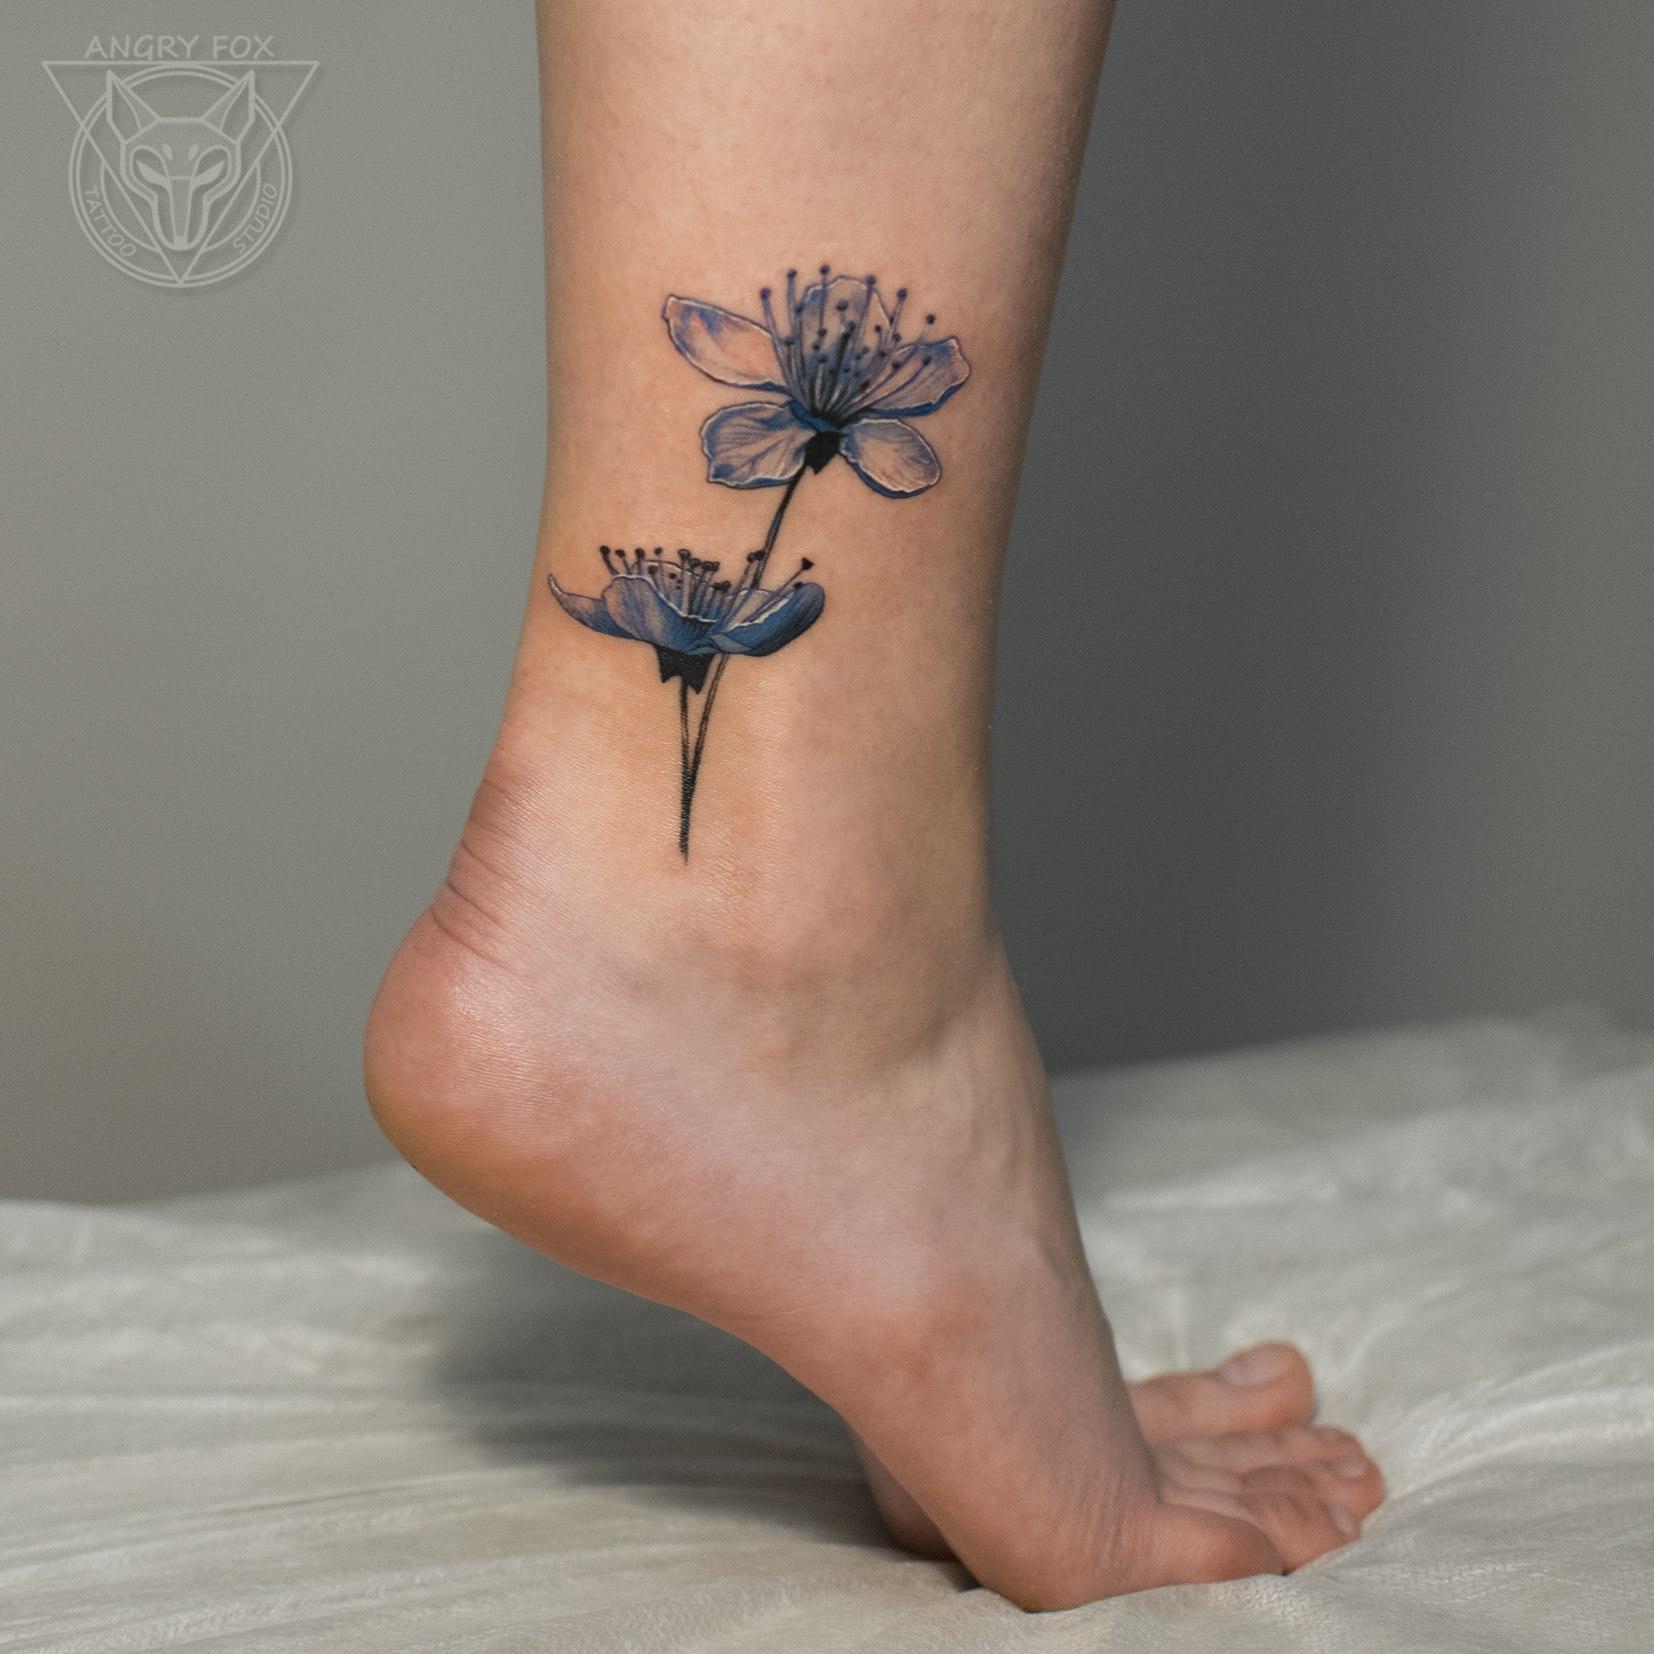 Татуировка, тату, чб, цветы, бутоны, щиколотка, контур, миниатюра, мини